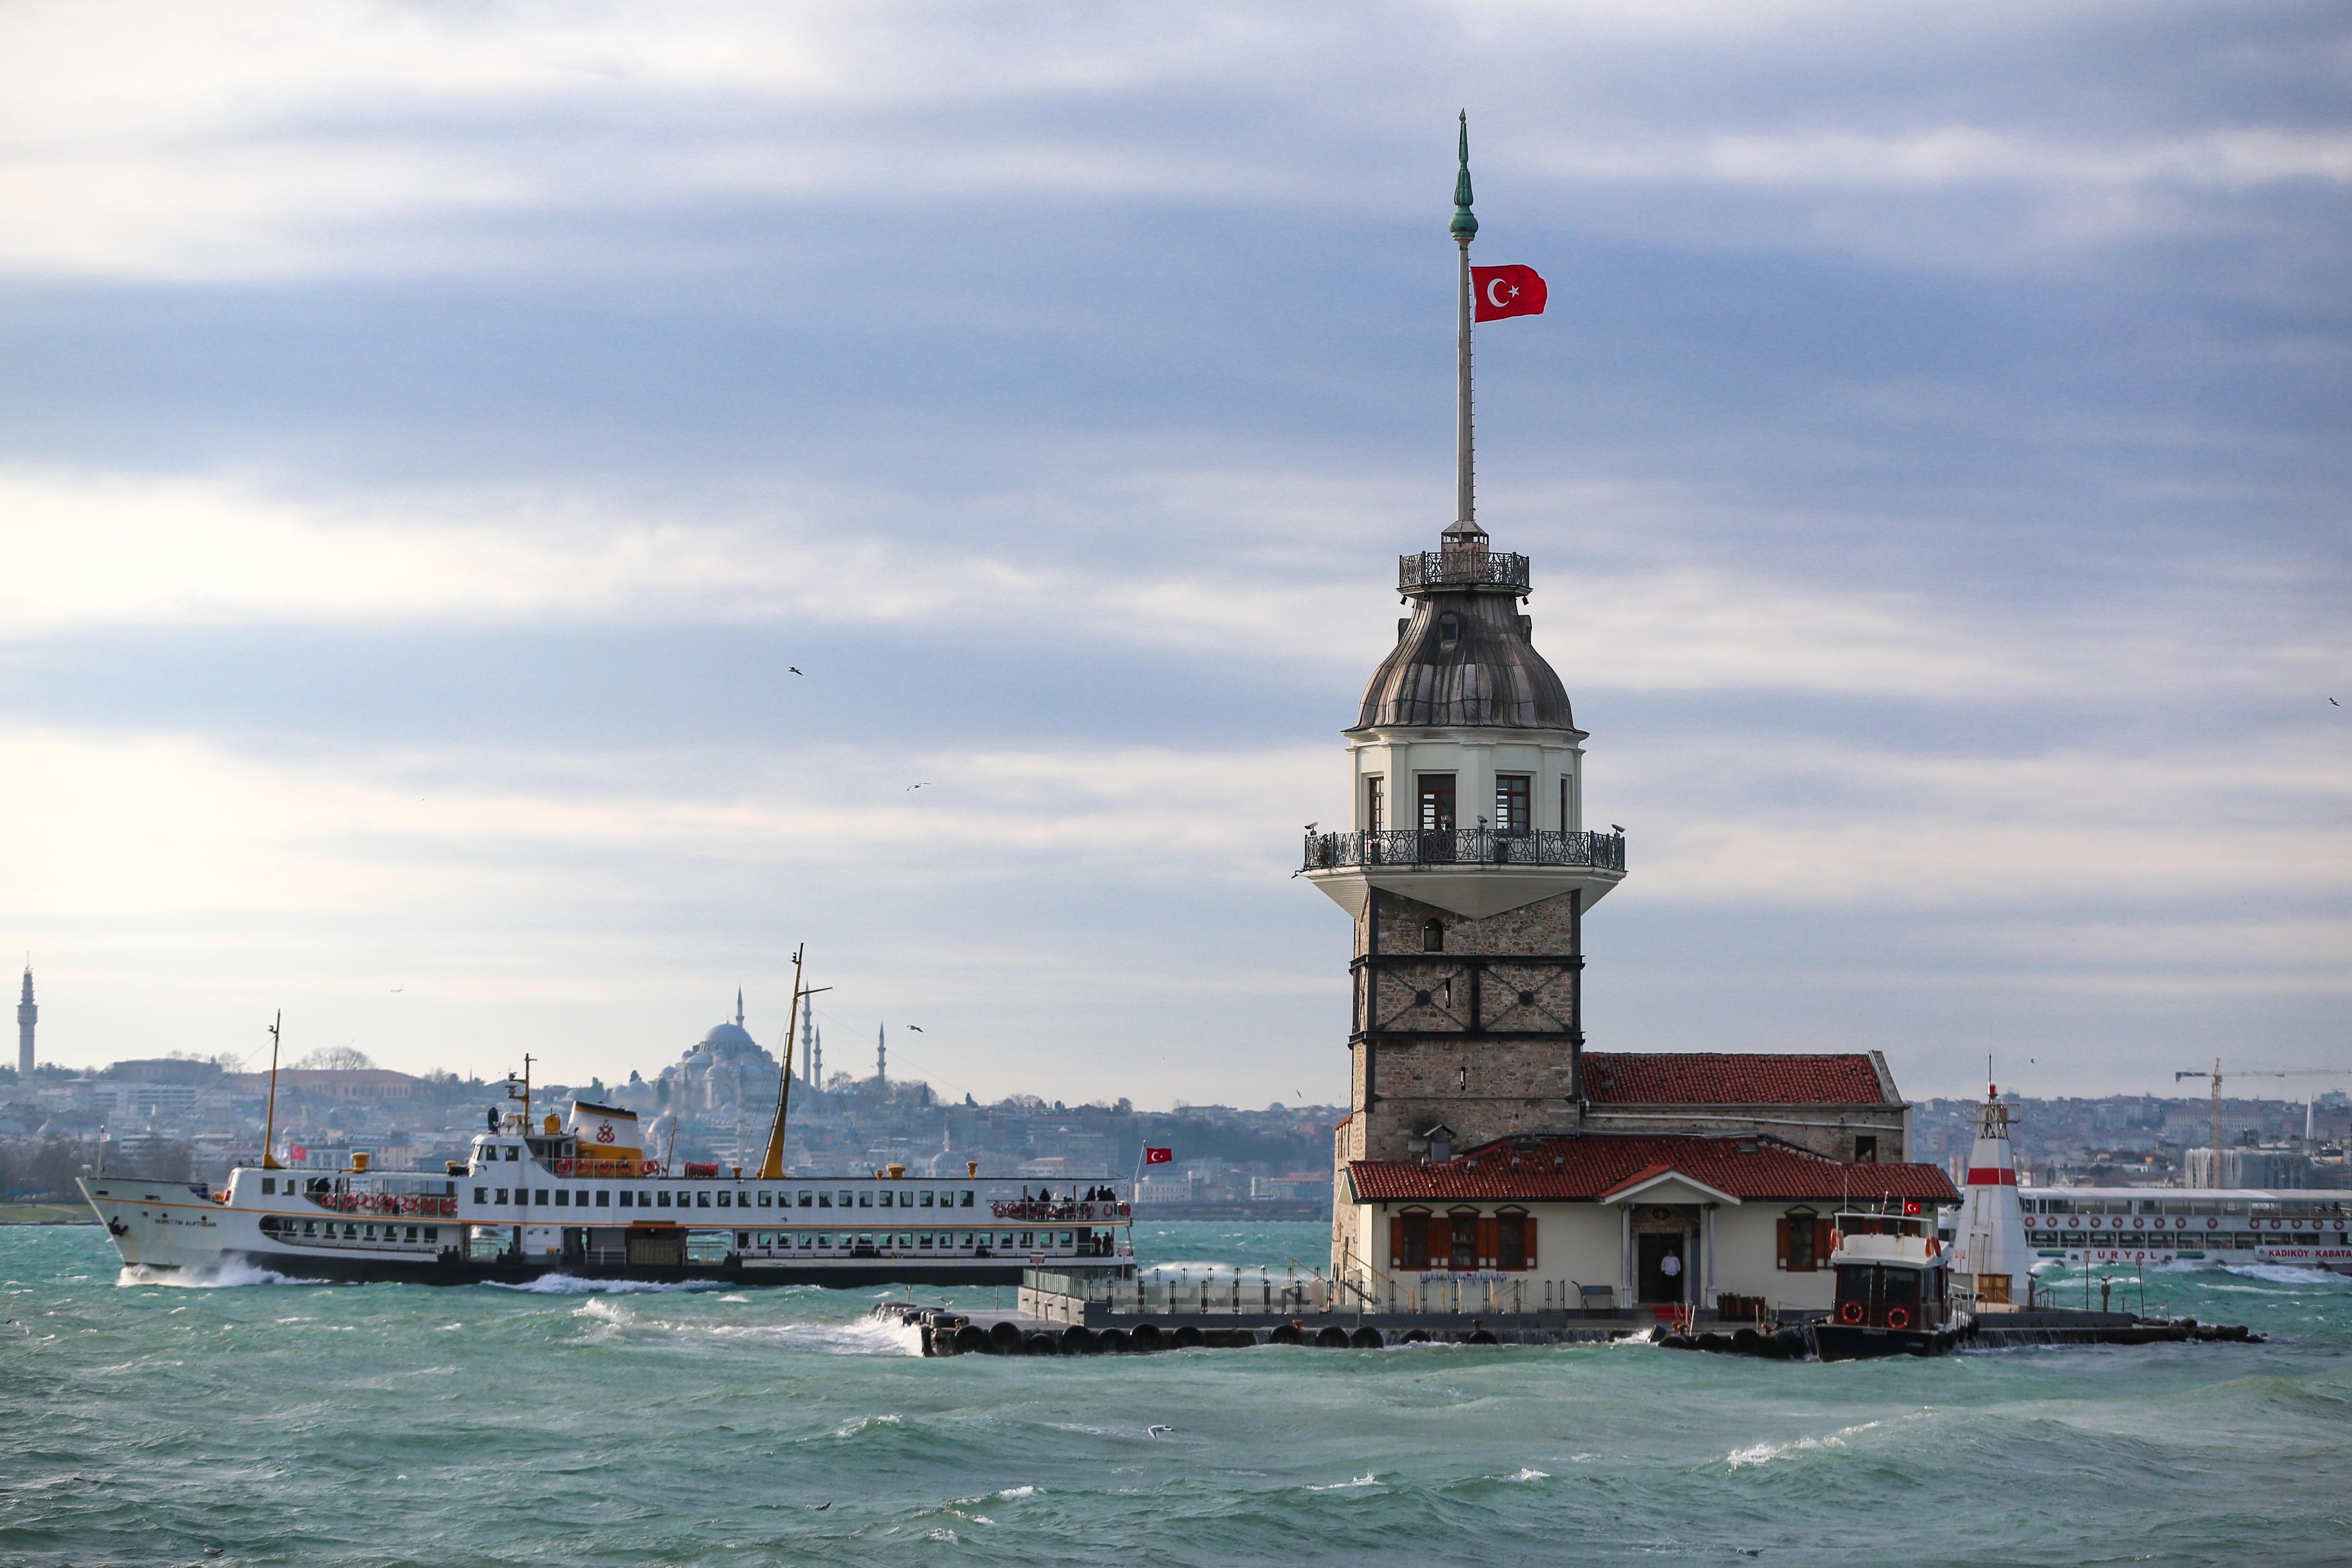 بيان للسفارة التركية في السعودية حول ادعاءات  الذباب الإلكتروني  ضد تركيا   ترك برس